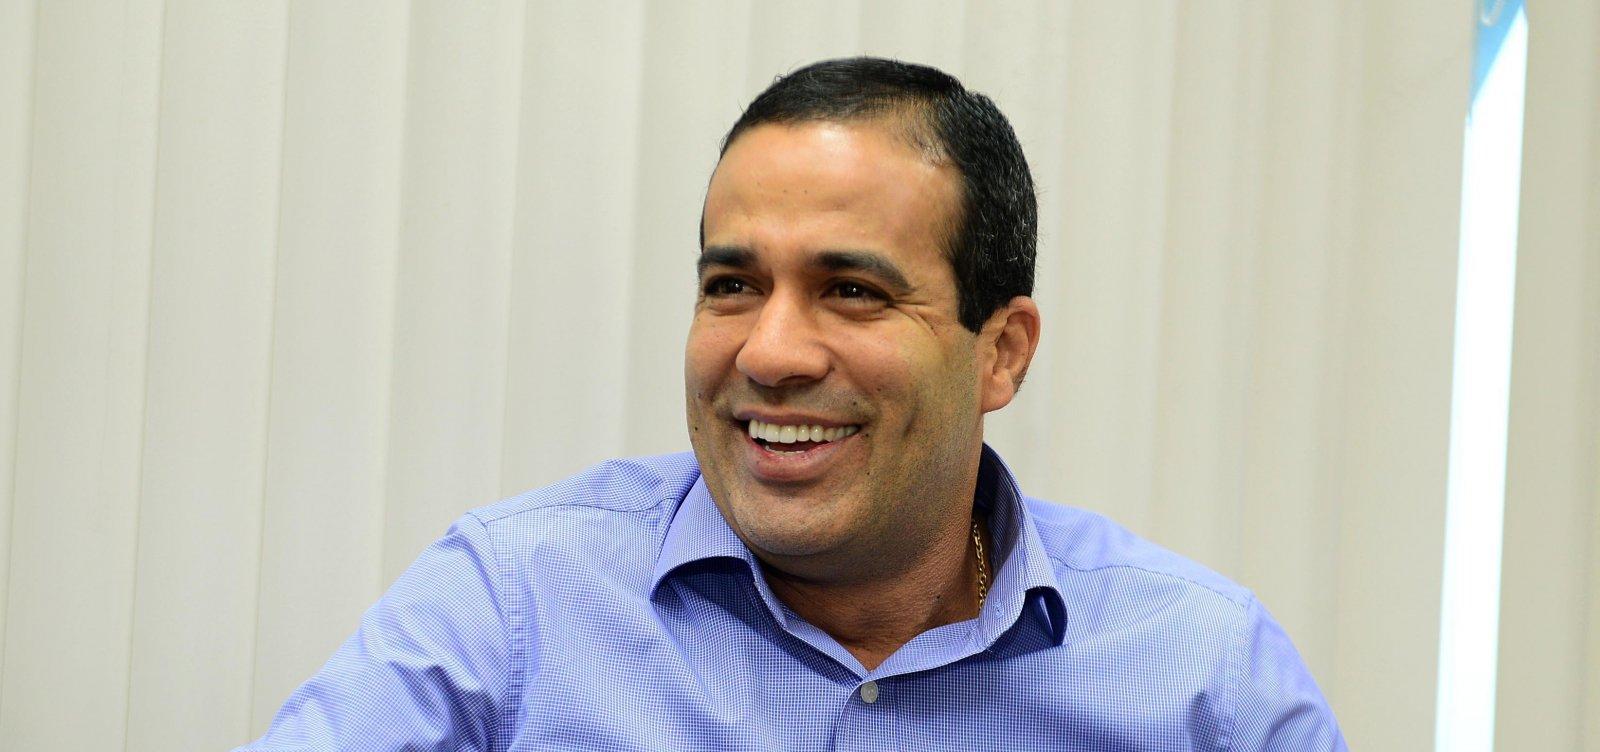 [Bruno Reis lidera intenção de voto em Salvador, mostra pesquisa RealTime BigData]